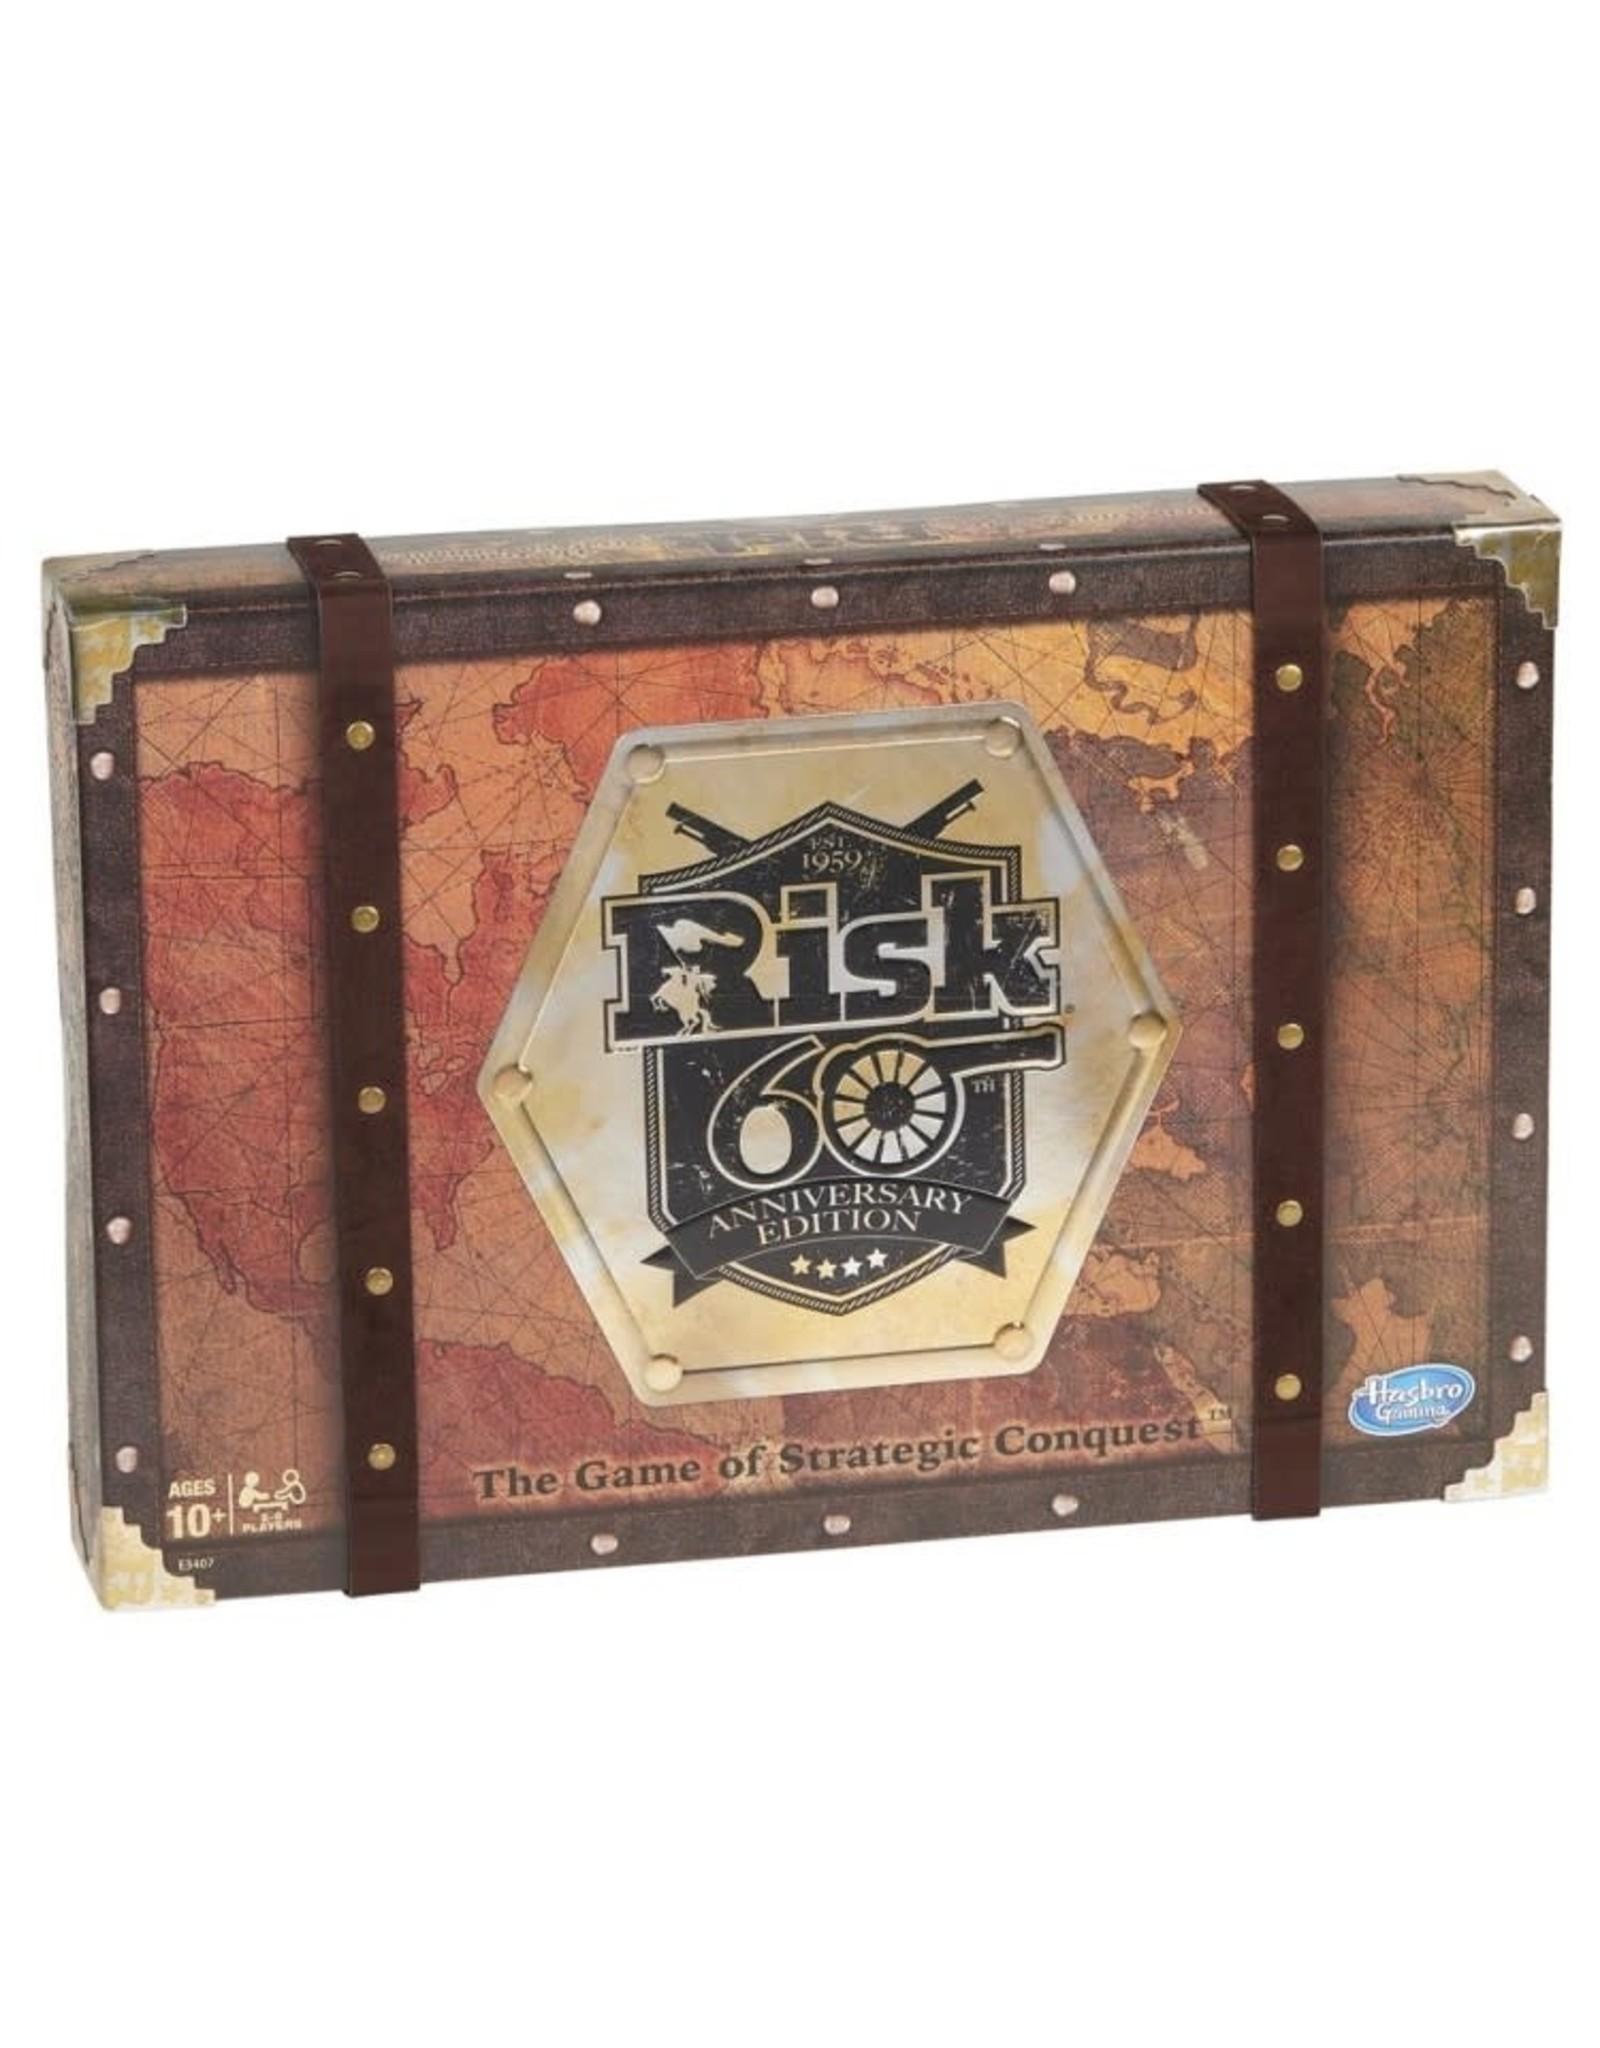 (Pre-Order) Risk: 60th Anniversary Edition